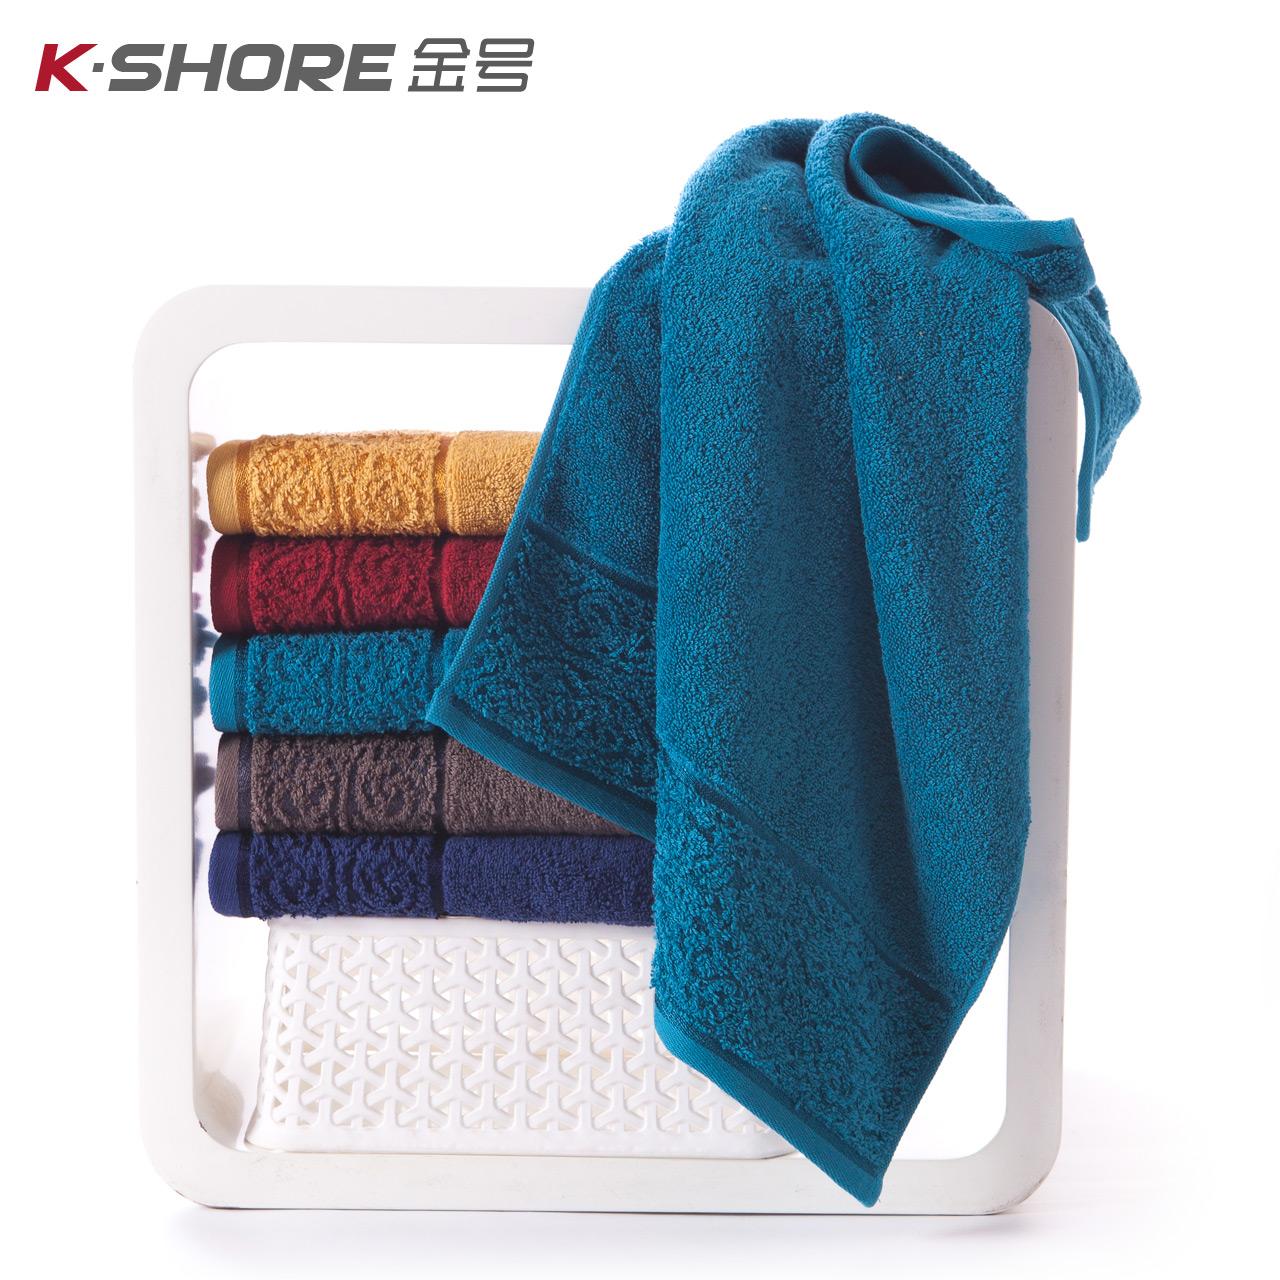 重达150g金号纯棉家用洗脸大气毛巾柔软吸水欧式优雅素色加厚款